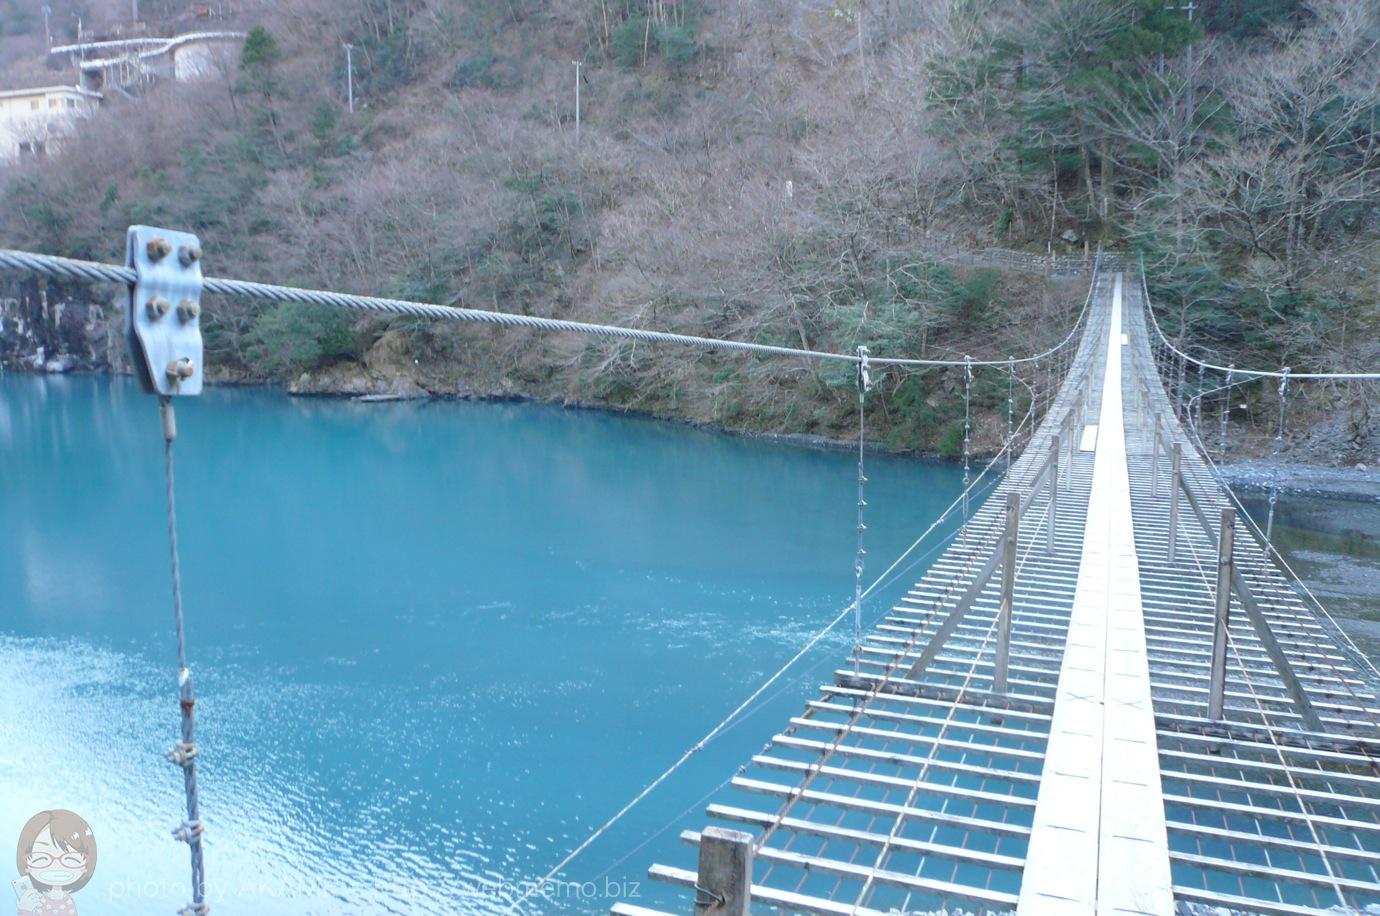 夢の吊り橋とコバルトブルーの湖